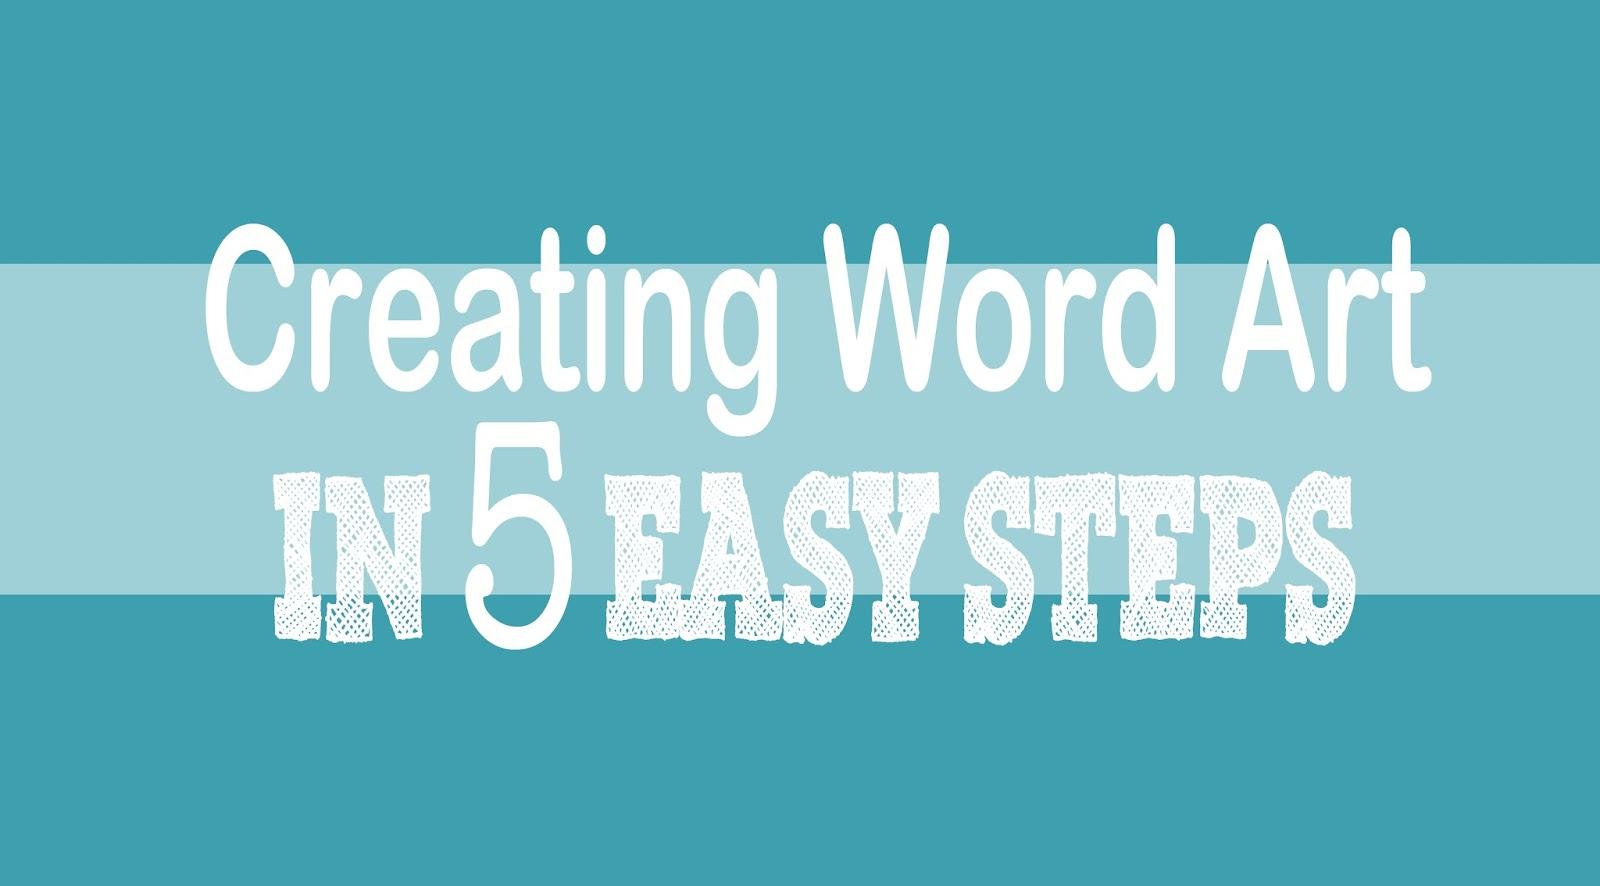 Monday Word Create Beautiful Word Art in 5